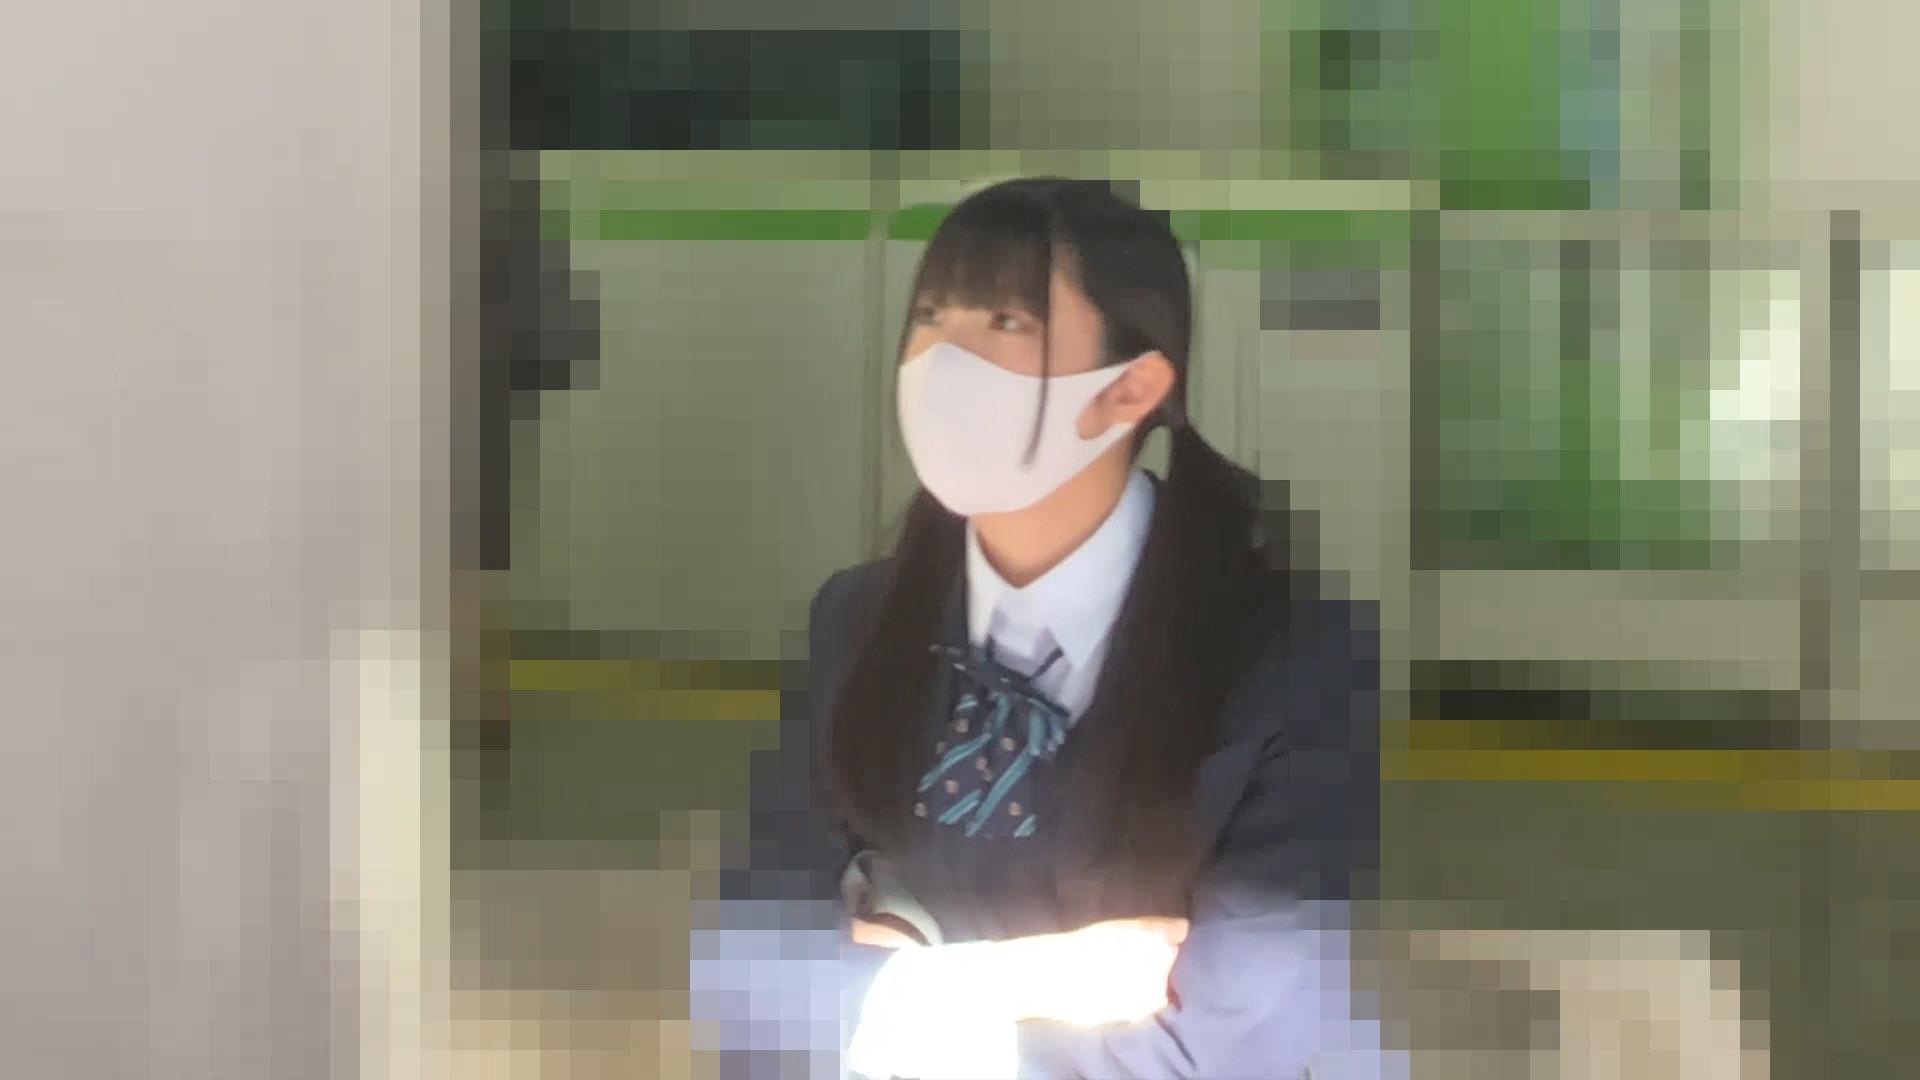 実録 電車痴漢映像 #008 画像4